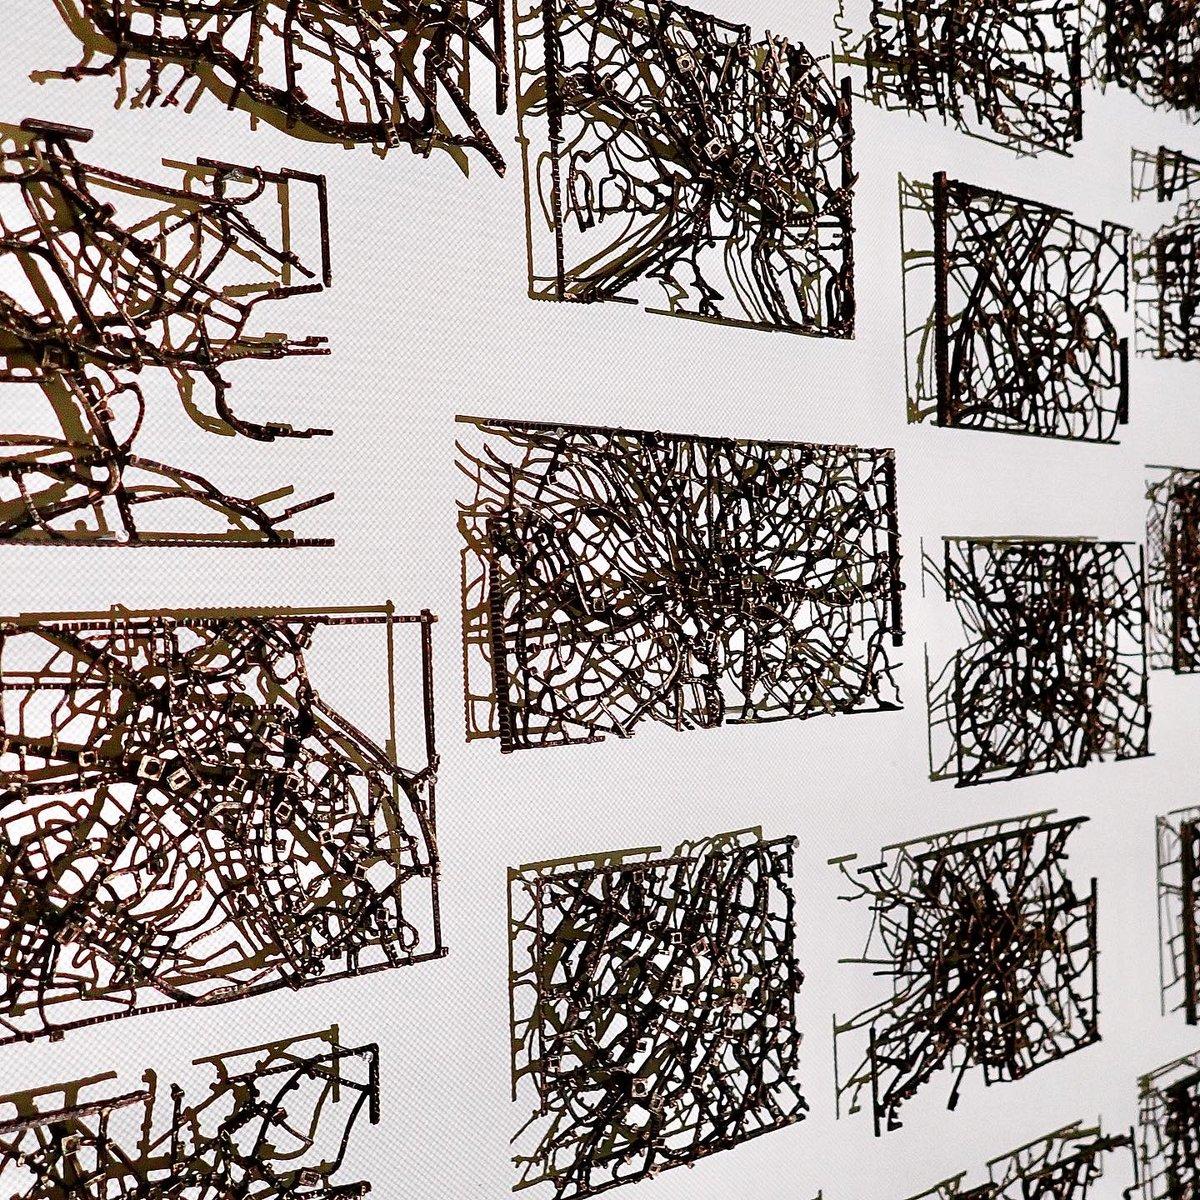 【個展開催中です】 3/1まで!  場所: ART FRONT GALLERY  東京都渋谷区猿楽町 29-18 ヒルサイドテラス A棟 会期:2/7(金) – 3/1(日) 時間:11:00 - 19:00 (月、火休) #久野彩子 #ayakokuno #metalcasting  #brass #artfrontgallery #国旗 #富士山 #オリンピック #上水下水道